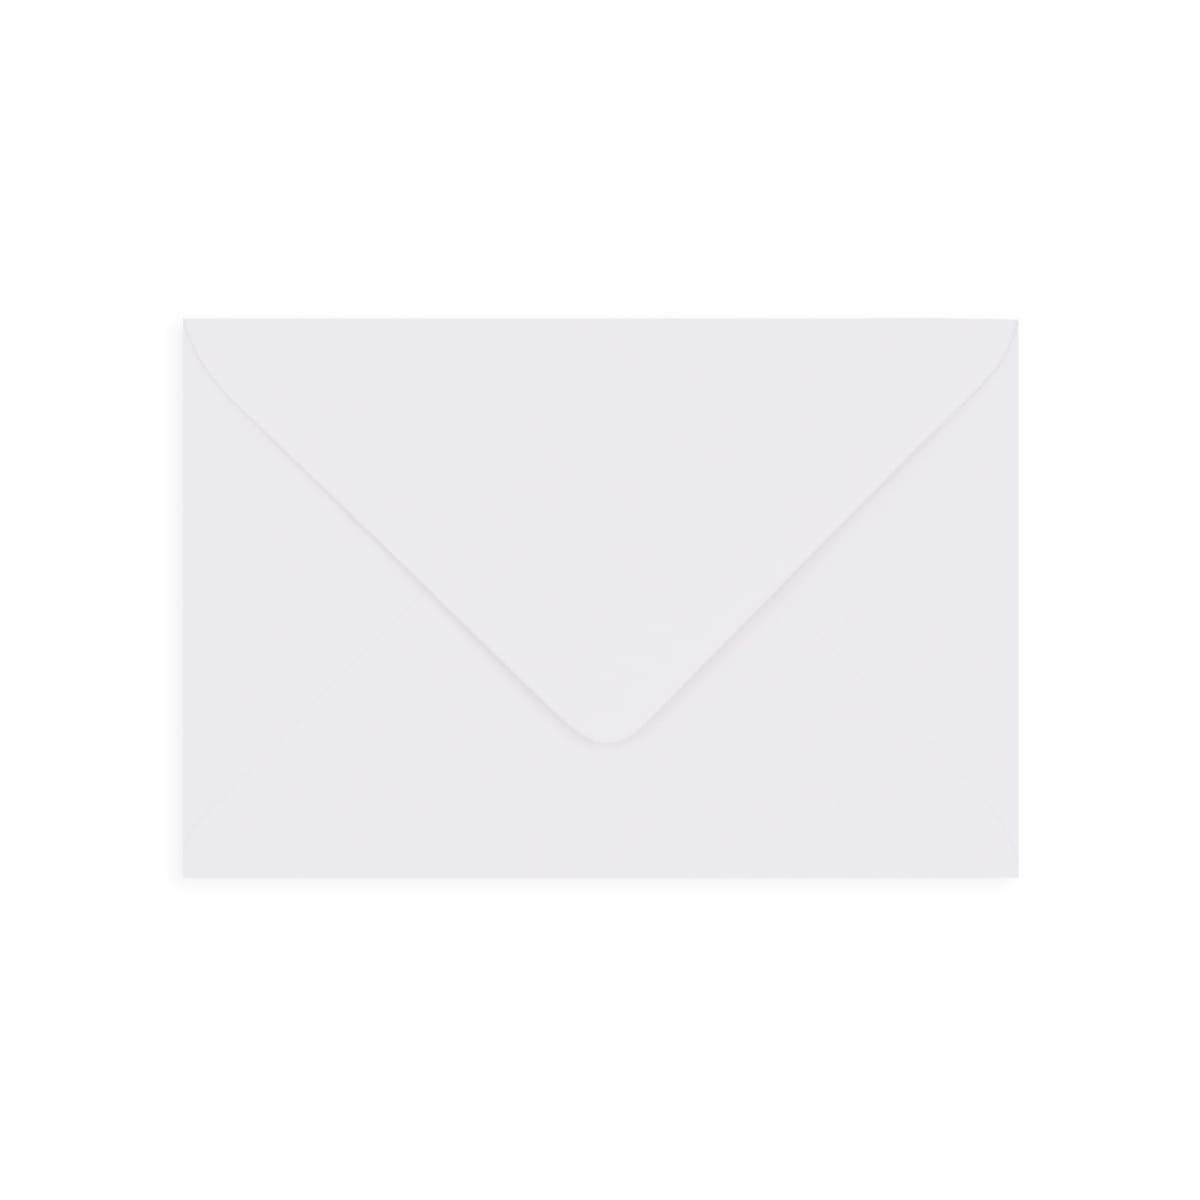 C6 WHITE ENVELOPES 130GSM